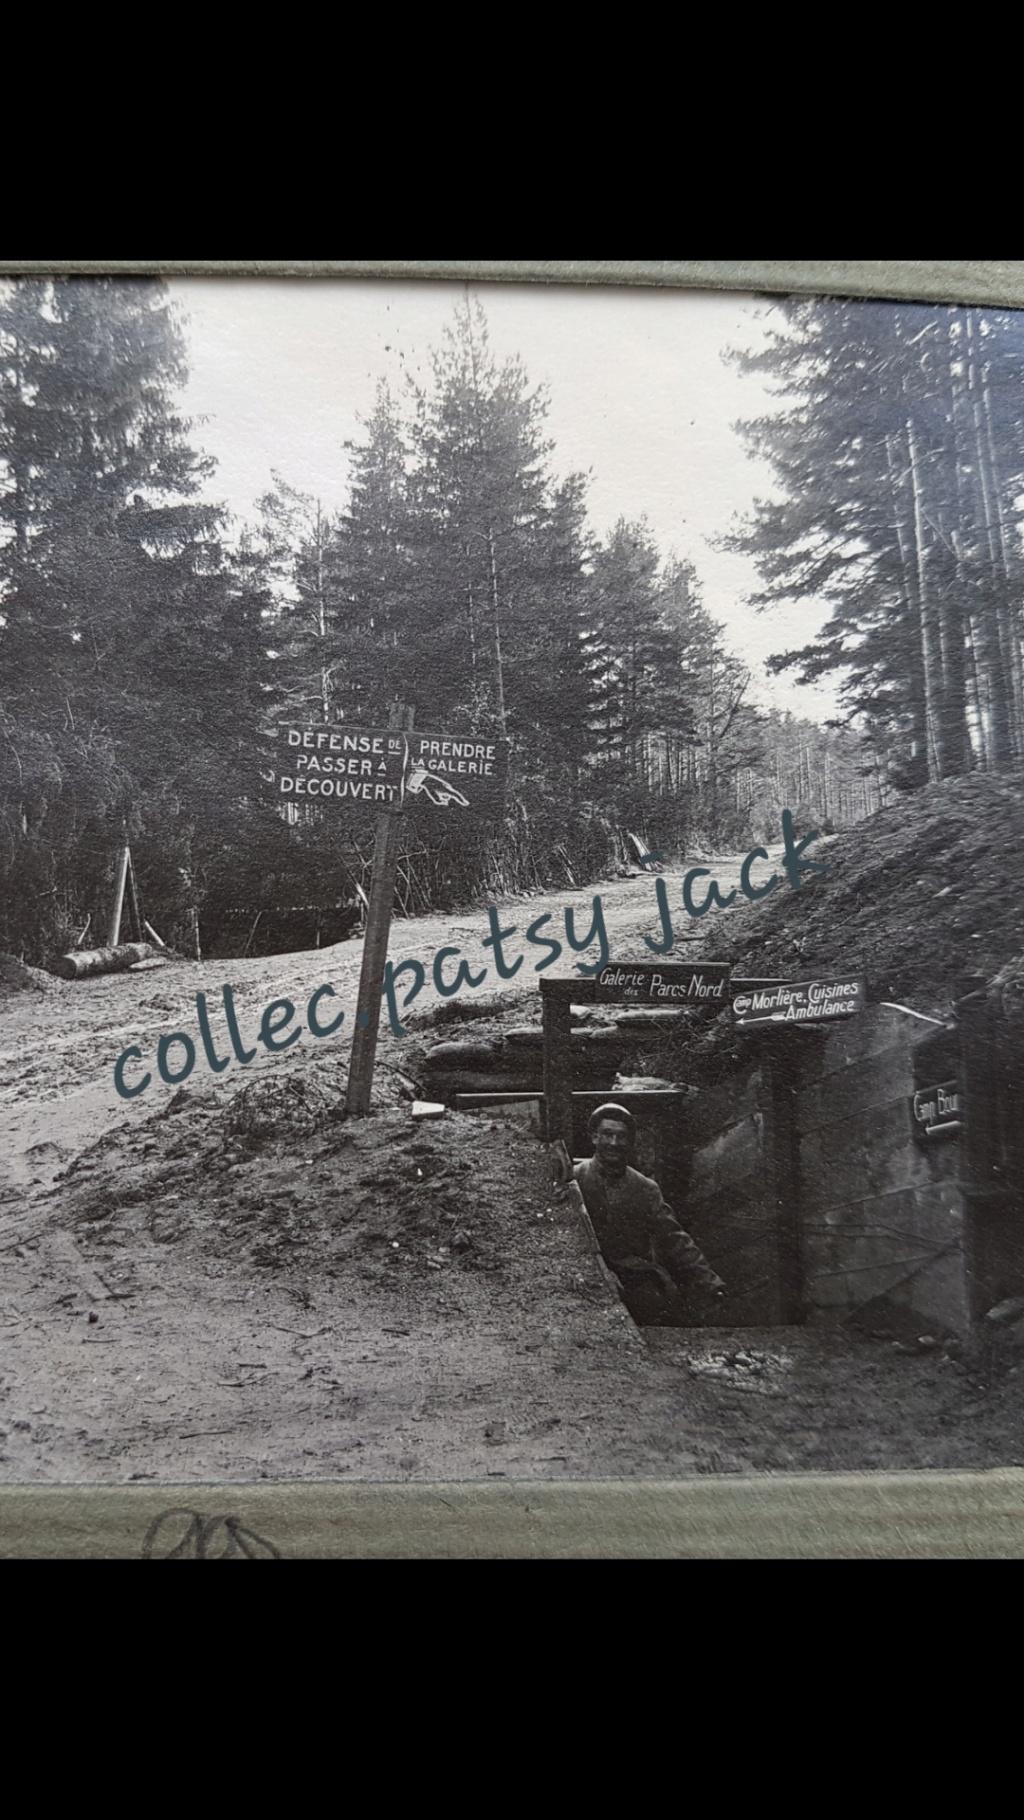 53 BCA au barrenkopf en 1916 20200425